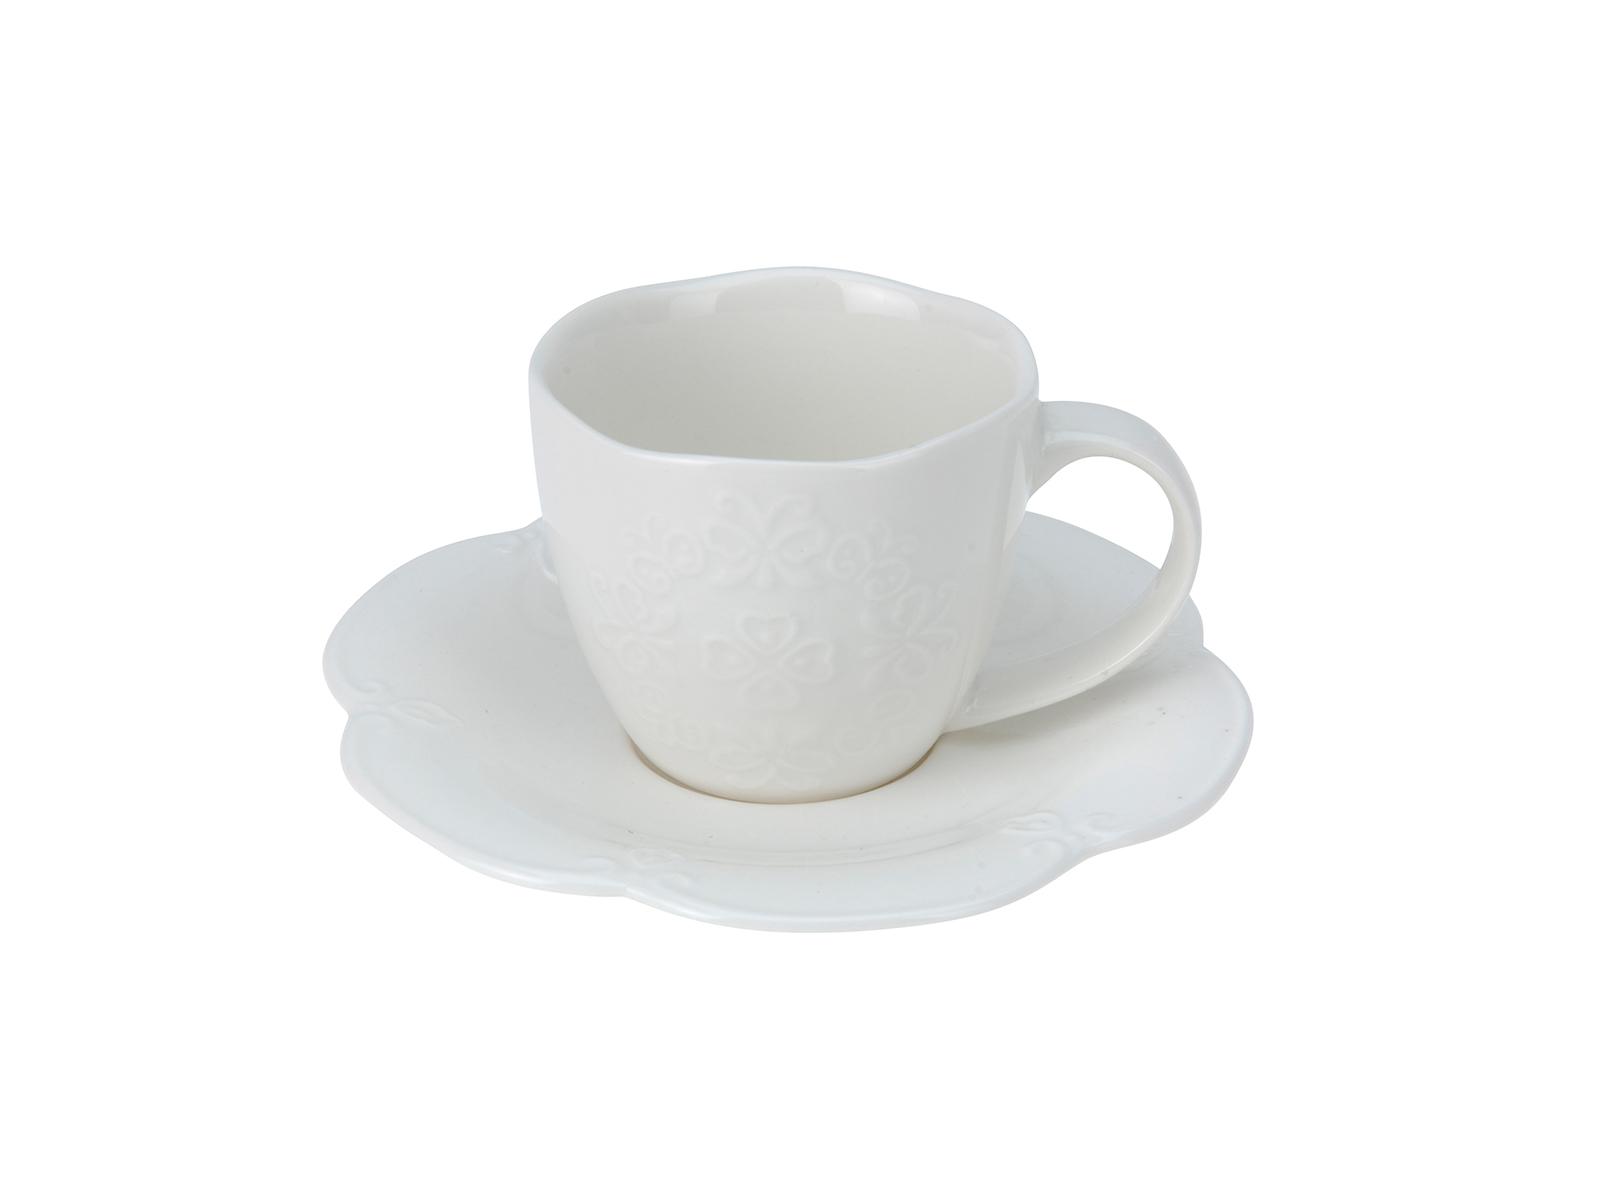 Чайная пара ProvenceПосуда<br>Чайная пара<br>